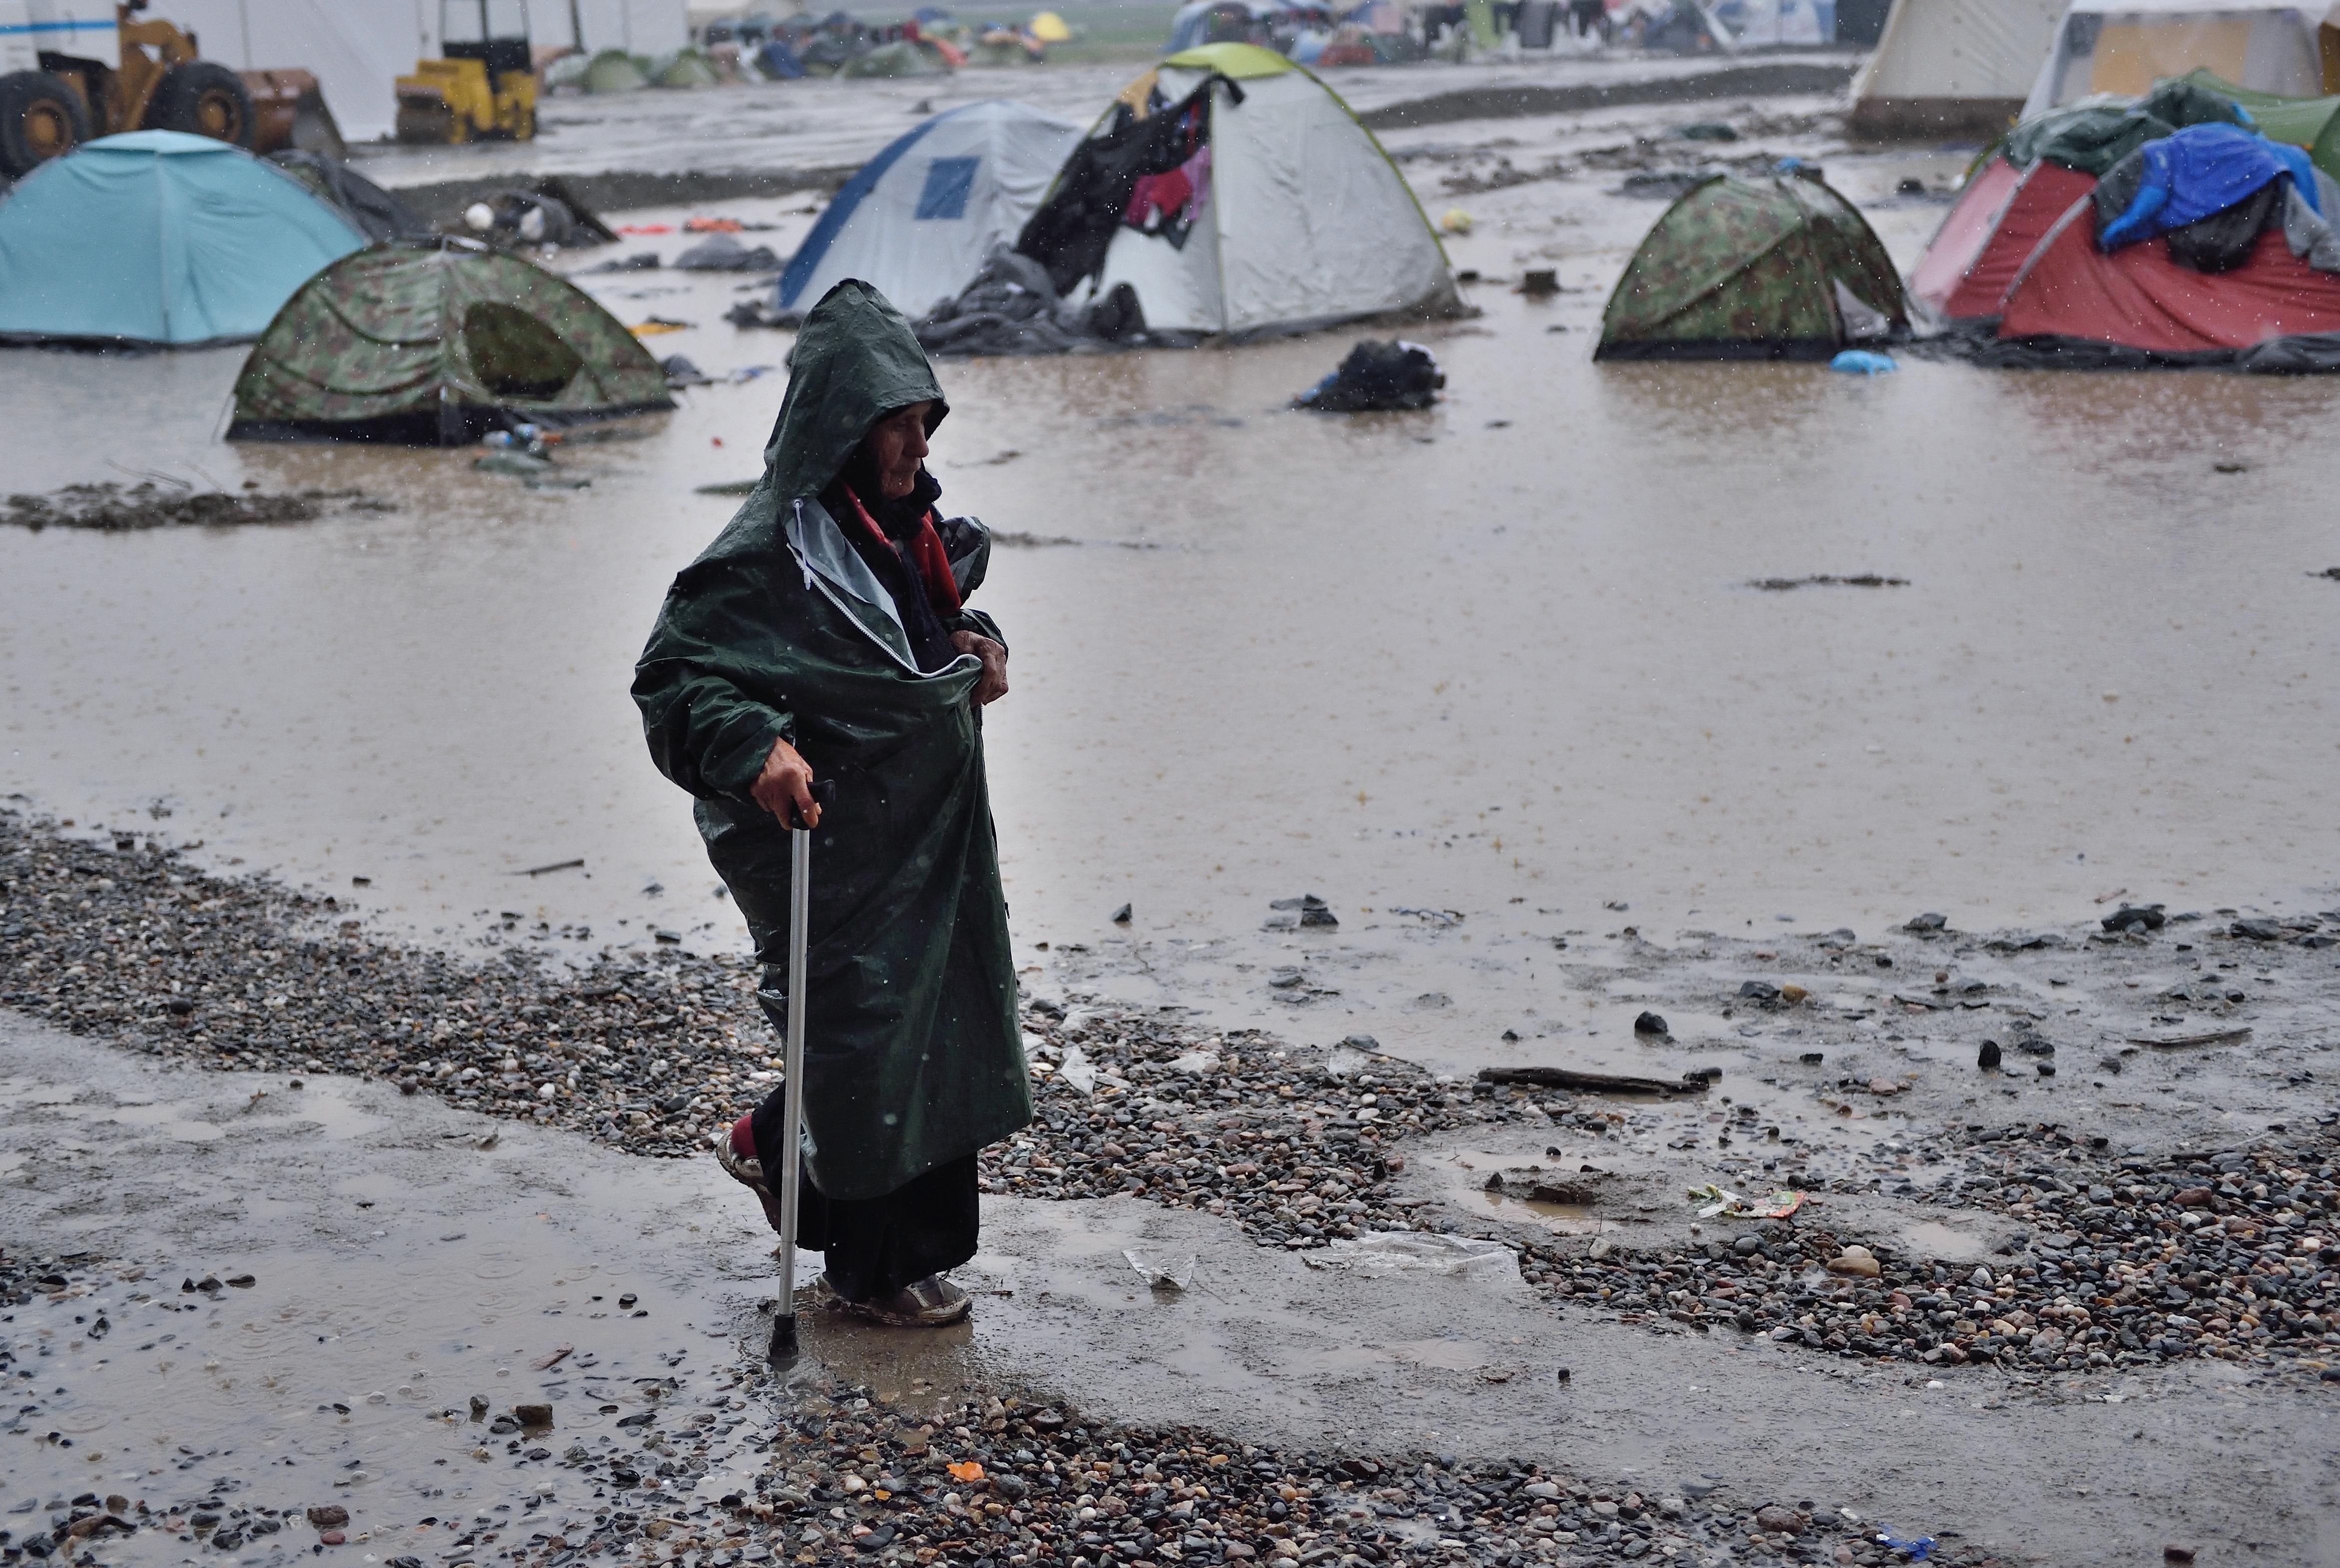 Sokkal kevesebb menekült érkezik a török alku óta